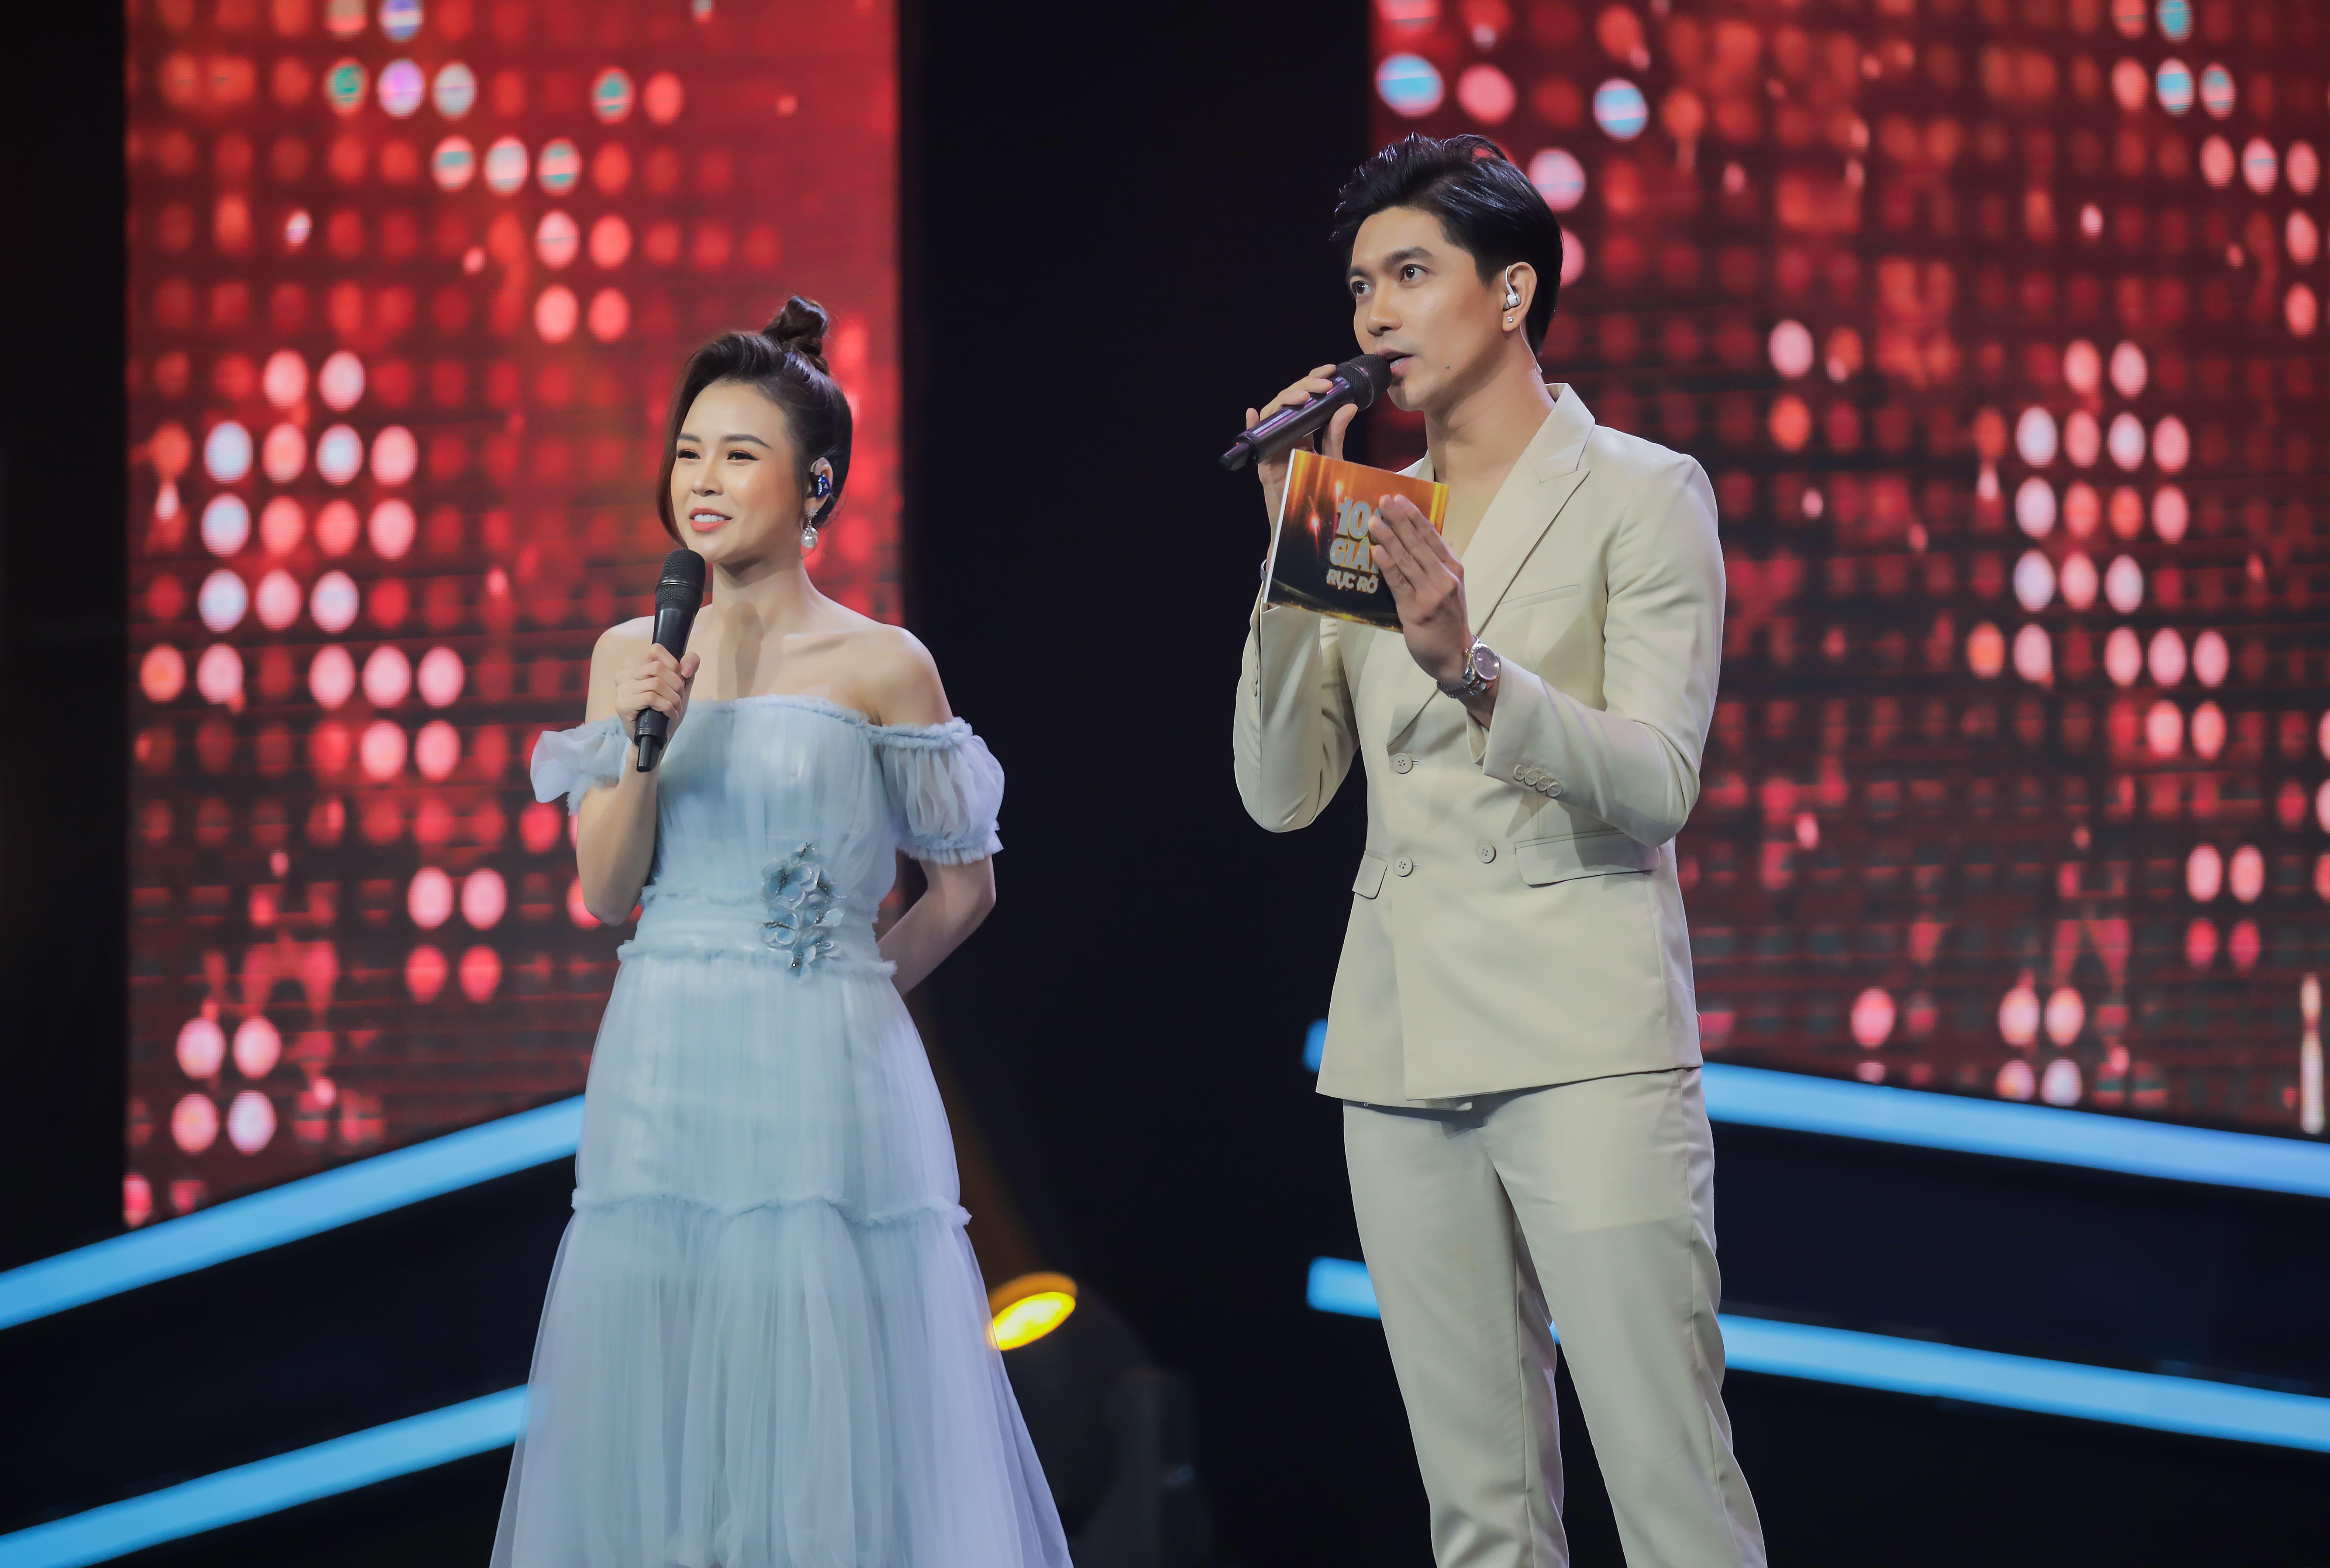 Chồng cũ Trương Quỳnh Anh bị so sánh với Trấn Thành, Đại Nghĩa - 1